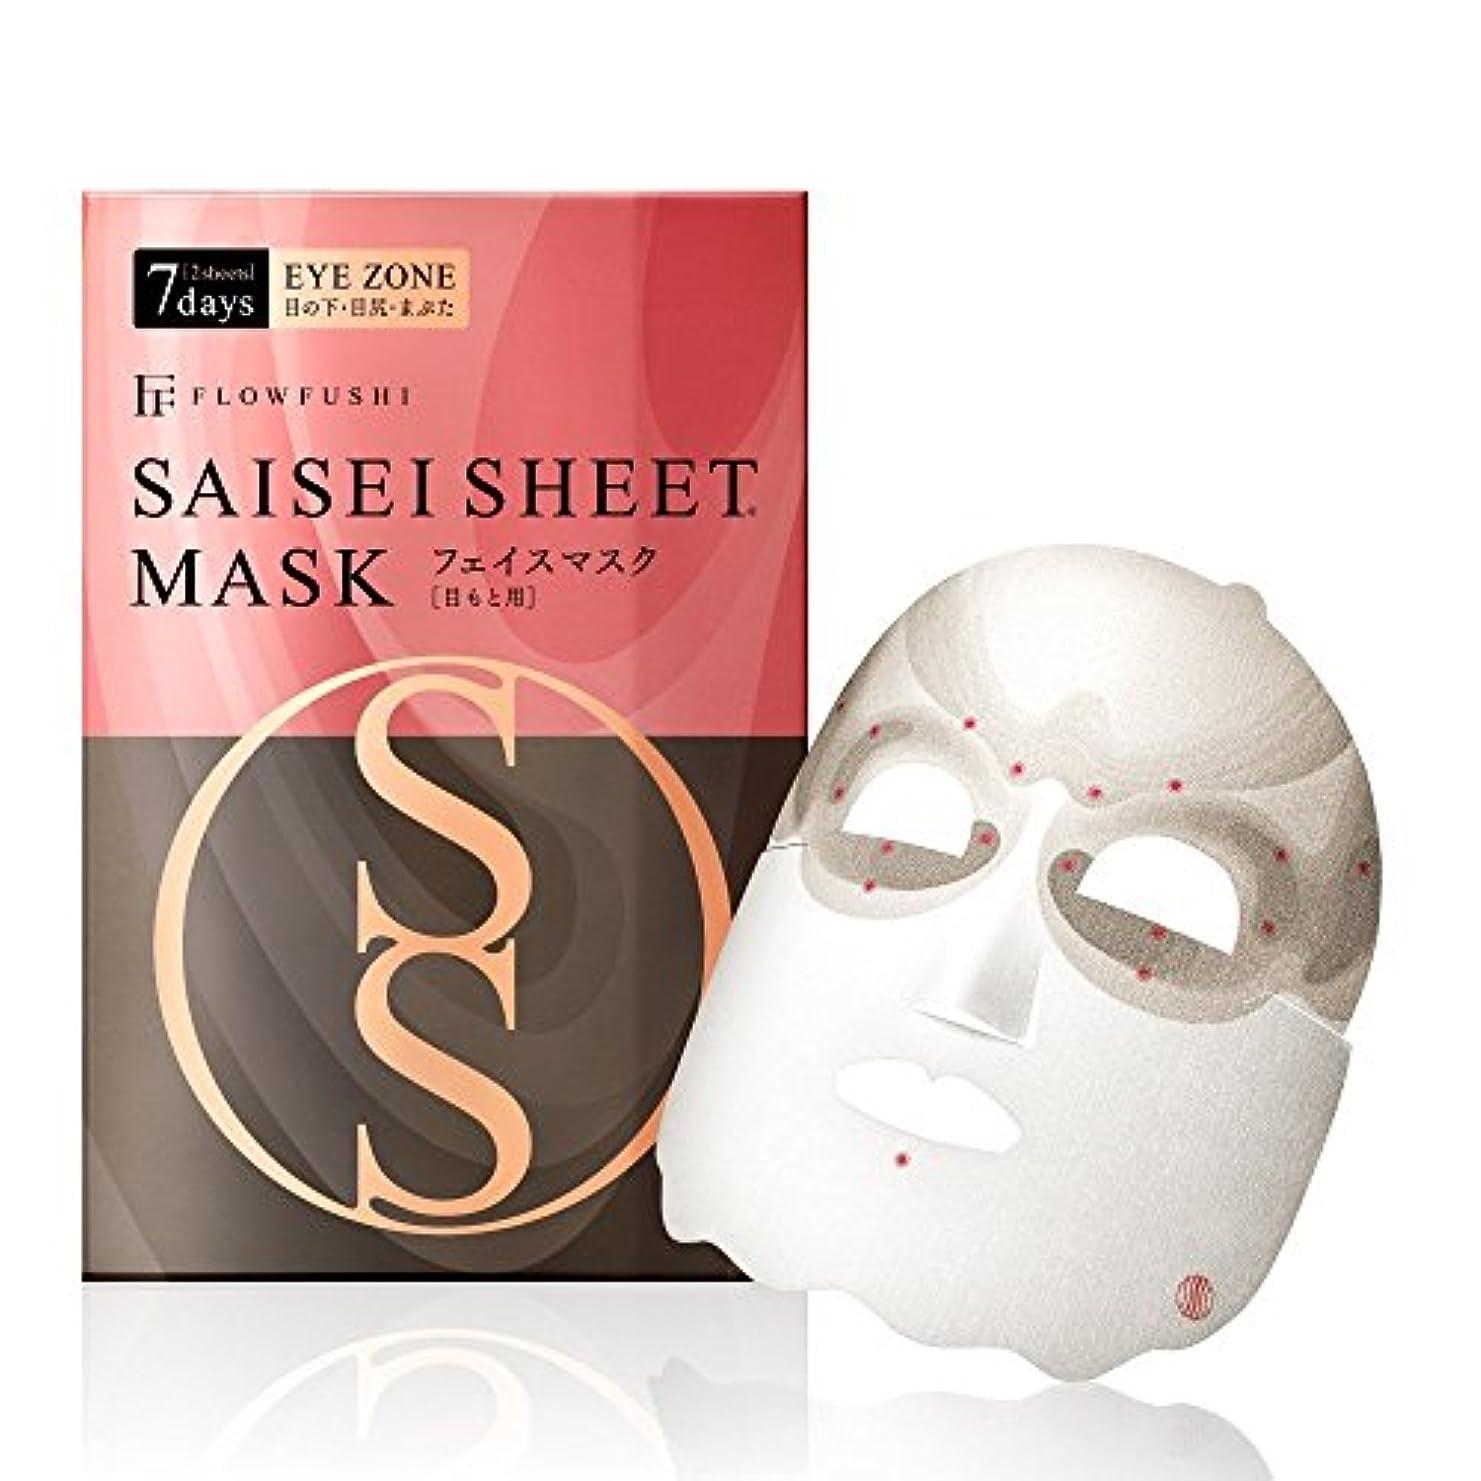 分解する財団ベスビオ山SAISEIシート マスク [目もと用] 7days 2sheets